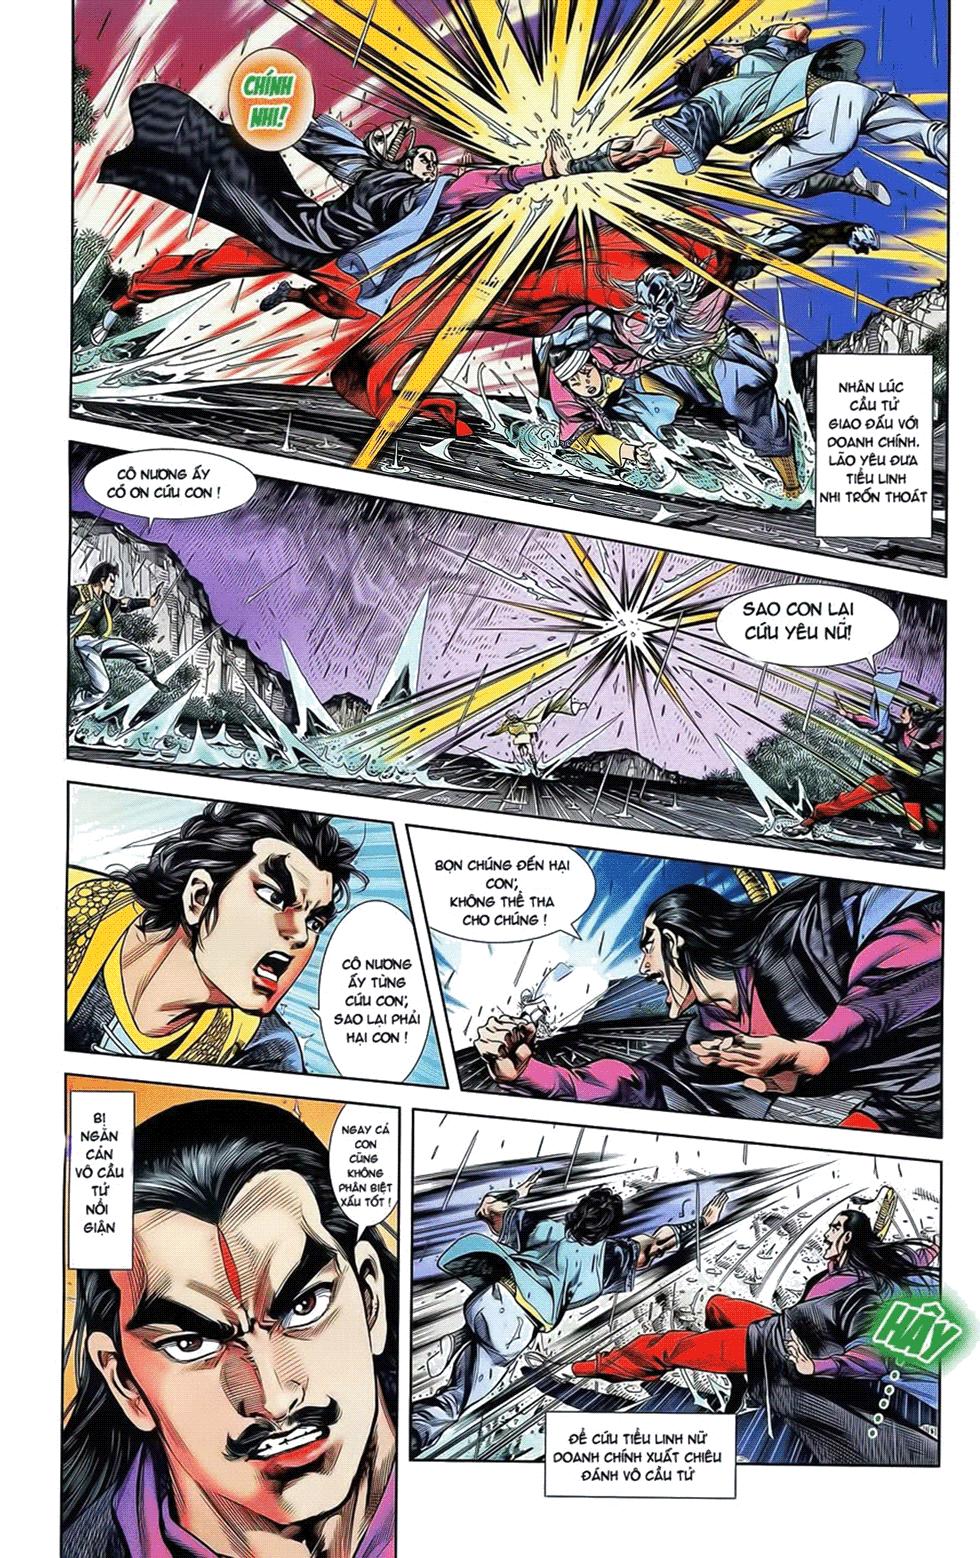 Tần Vương Doanh Chính chapter 19 trang 15